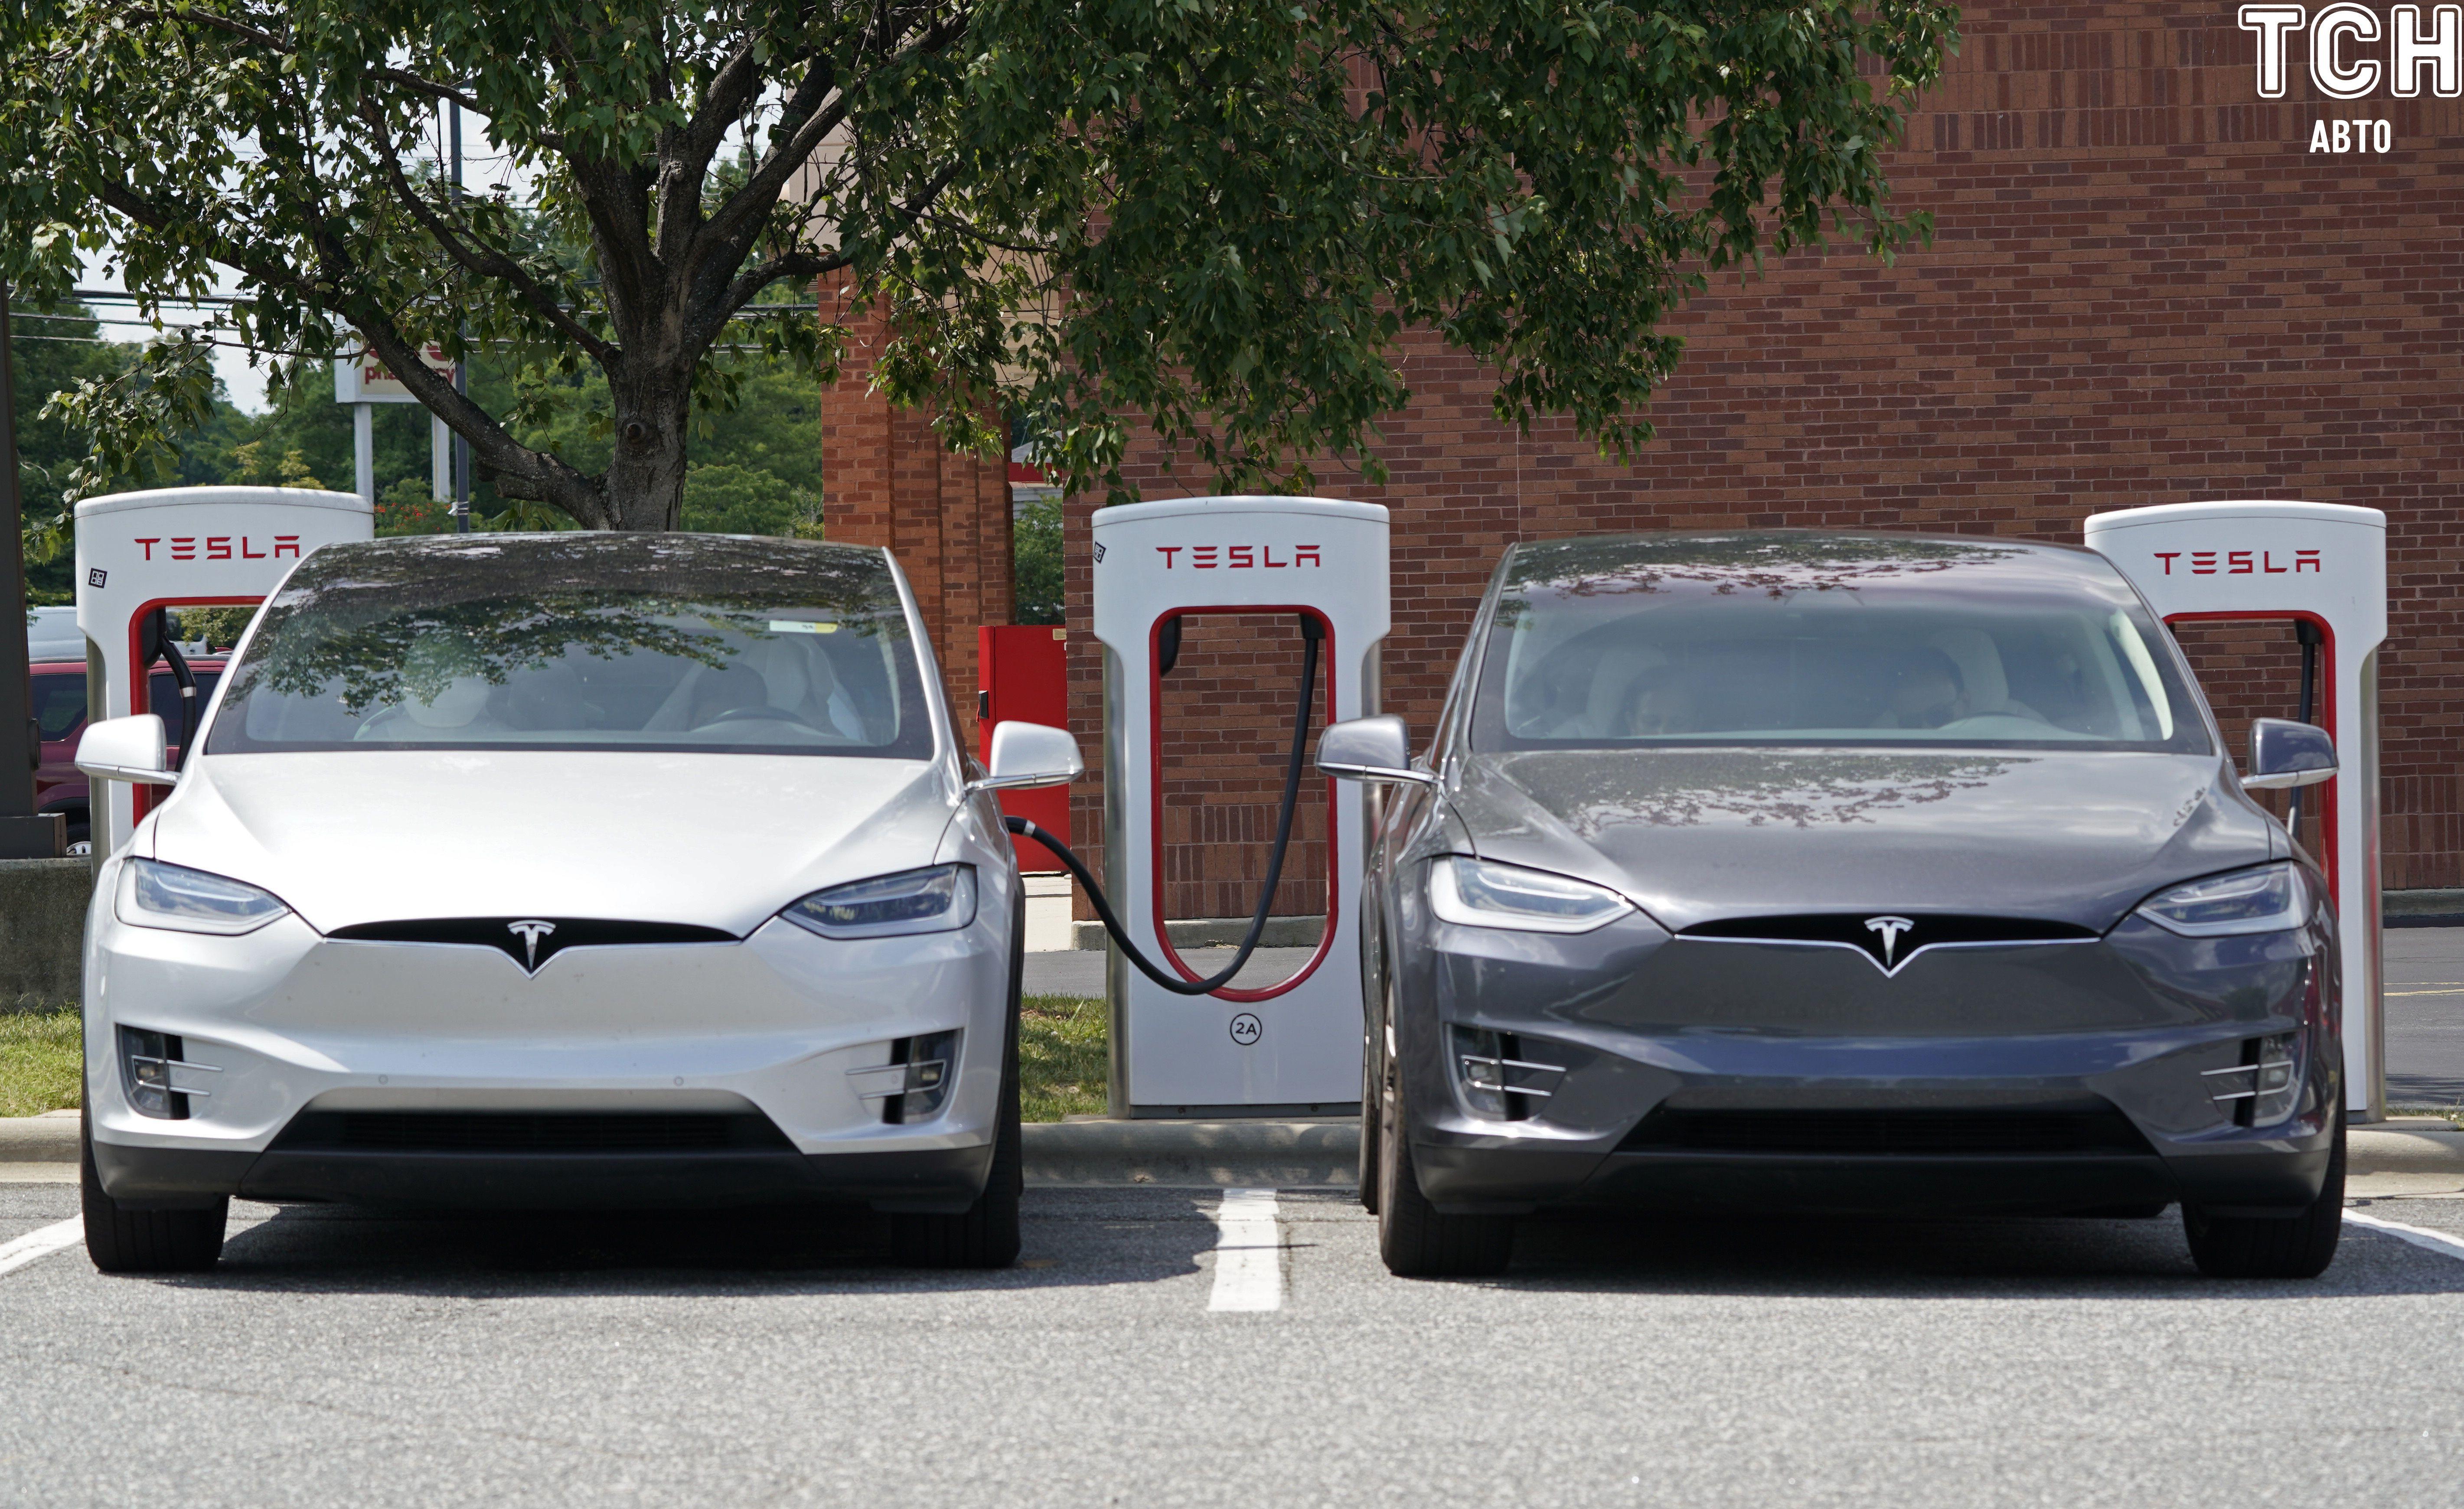 електрокари Tesla, зарядка, зарядна станція_1